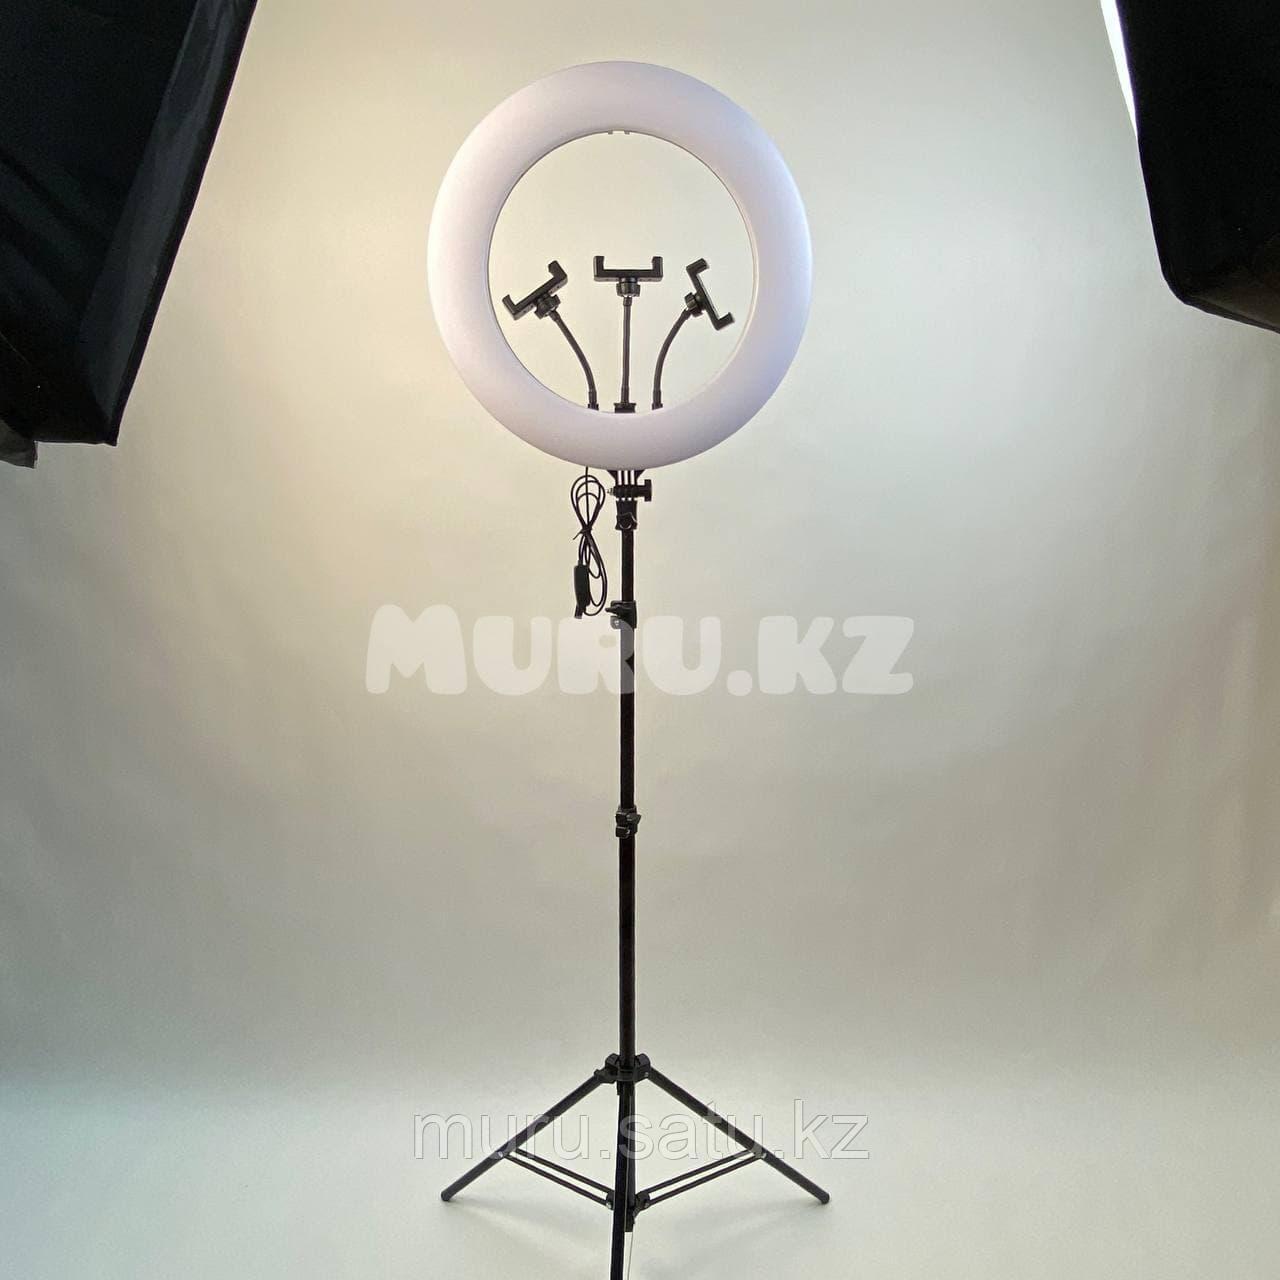 Кольцевая лампа 45 см со штативом 2м + микрофон подарок! - фото 4